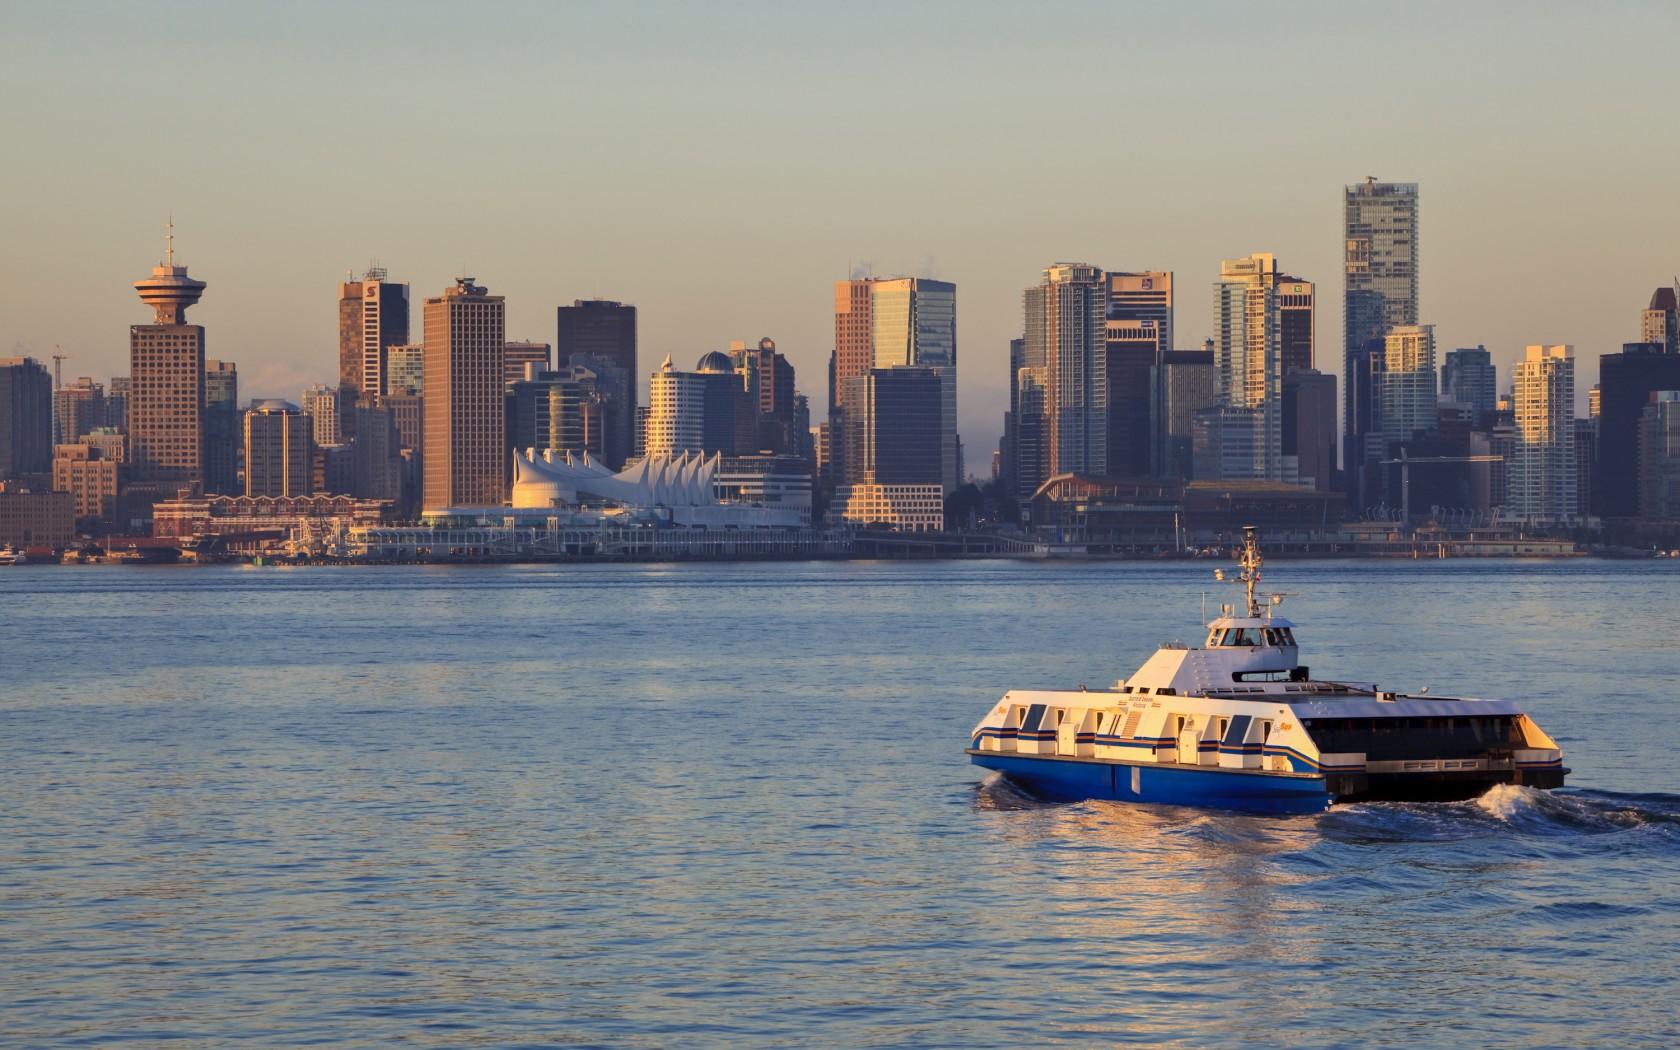 2014/2/8 加拿大(溫哥華+多倫多+卡加利)各種車資比較整理   加拿大是現今交通便利的國家之一 而各個城市有不同的交通方式 歐美國際為您整理了以下各個城市的車資 趕快看看吧! 加拿大溫哥華 溫哥華市的巴士(Bus)、地鐵(Sky train)、海上巴士(Sea Bus)的車票可通用,票價一致,成人最基本一次的票價是2.